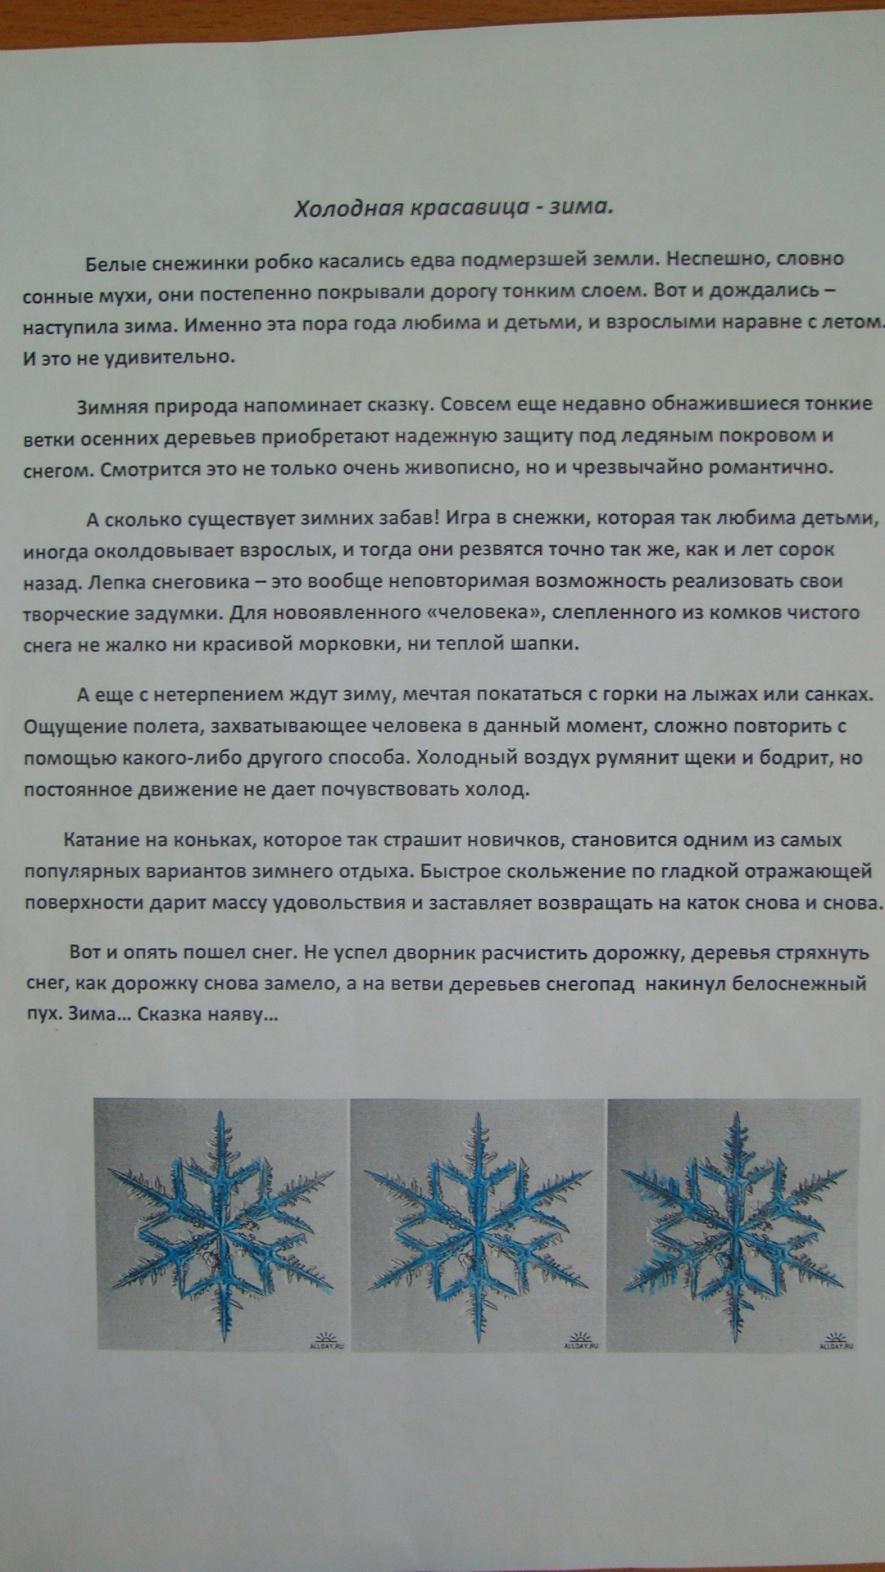 C:\Users\Пользователь\Desktop\Проект Сезонные измен.зимой\Конкурс сочинений 2012\v 358.jpg